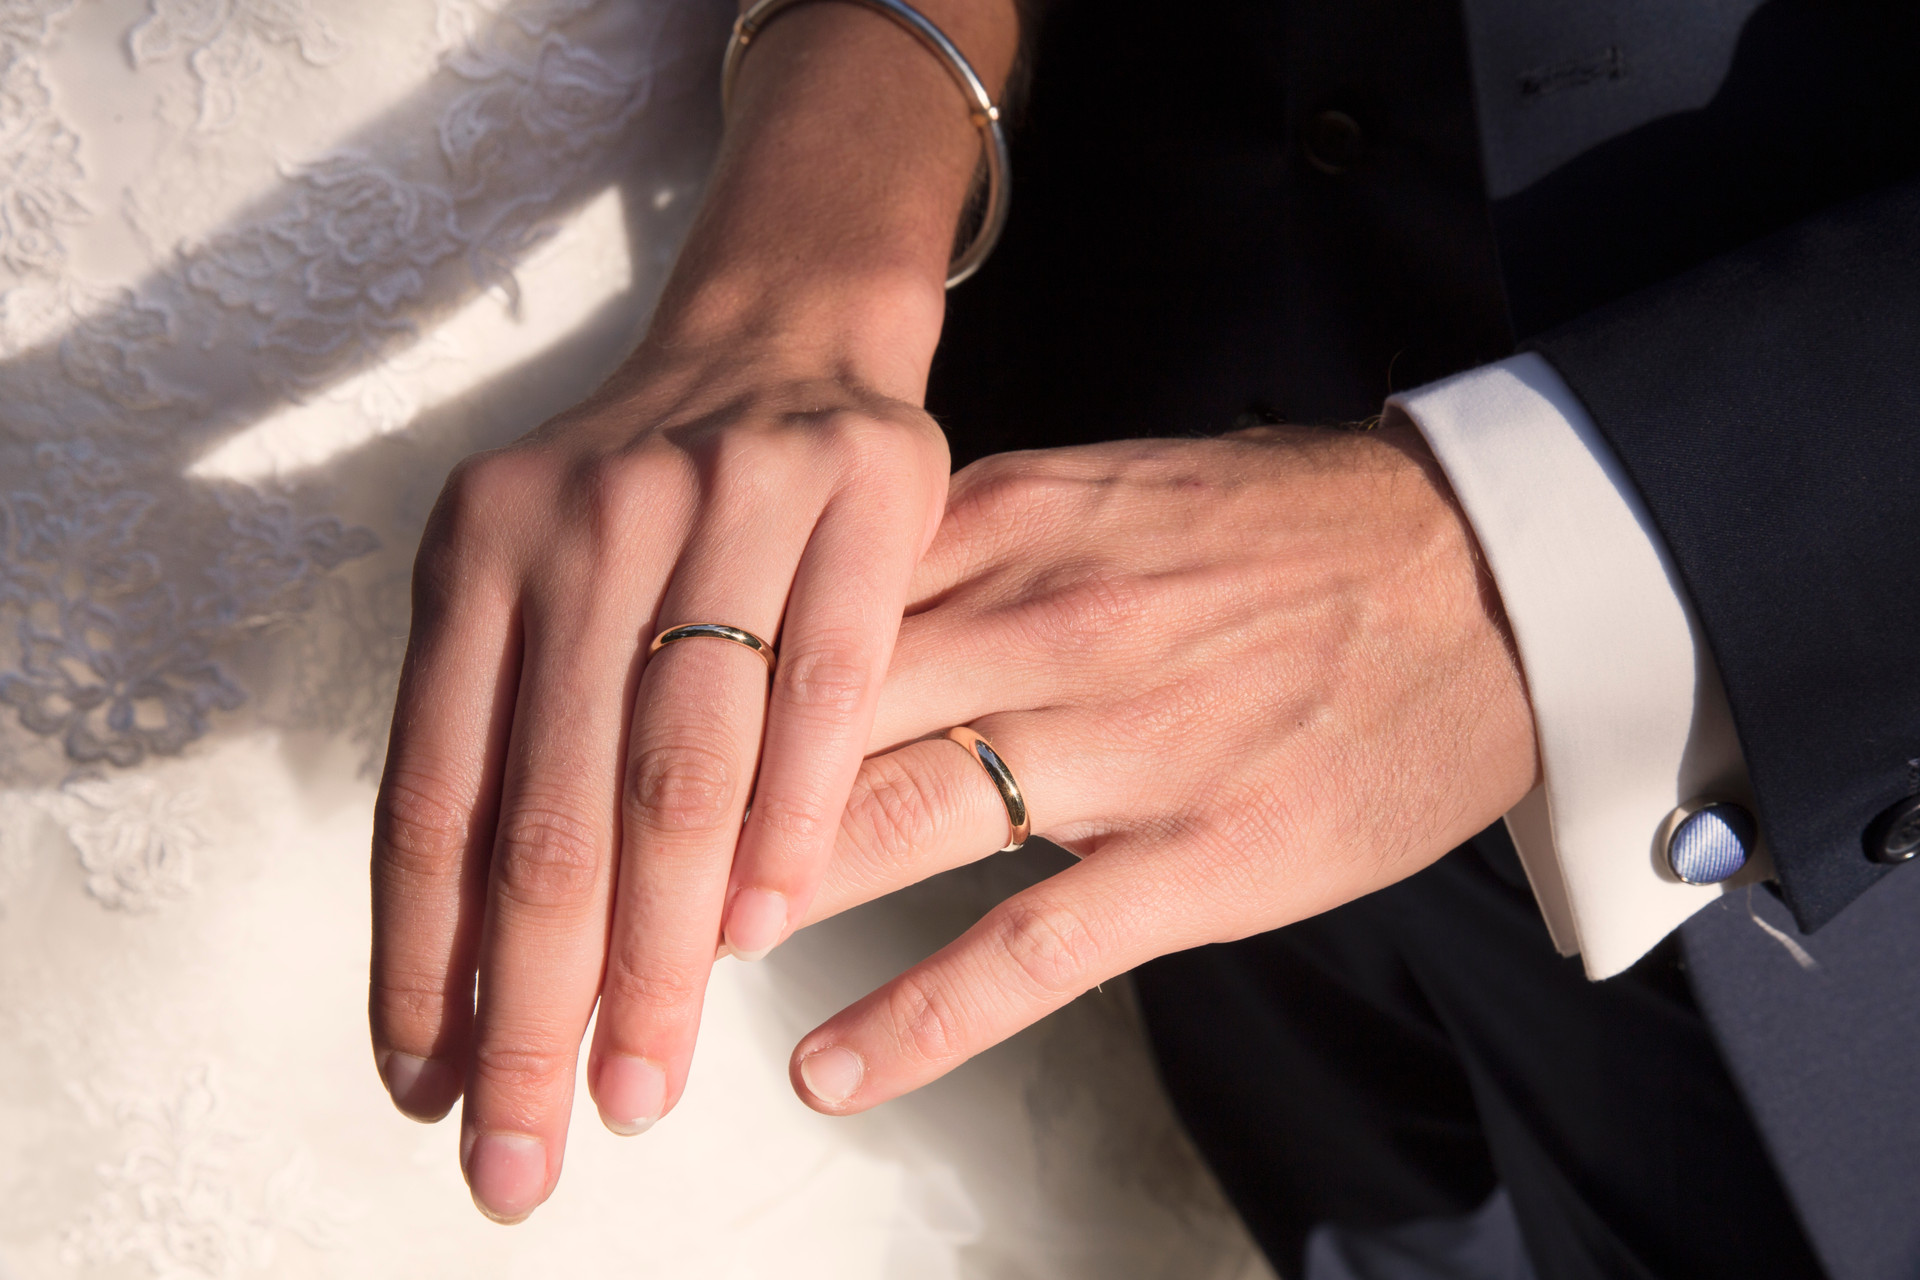 les bagues brillent au soleil couchant, ils sont mariés.